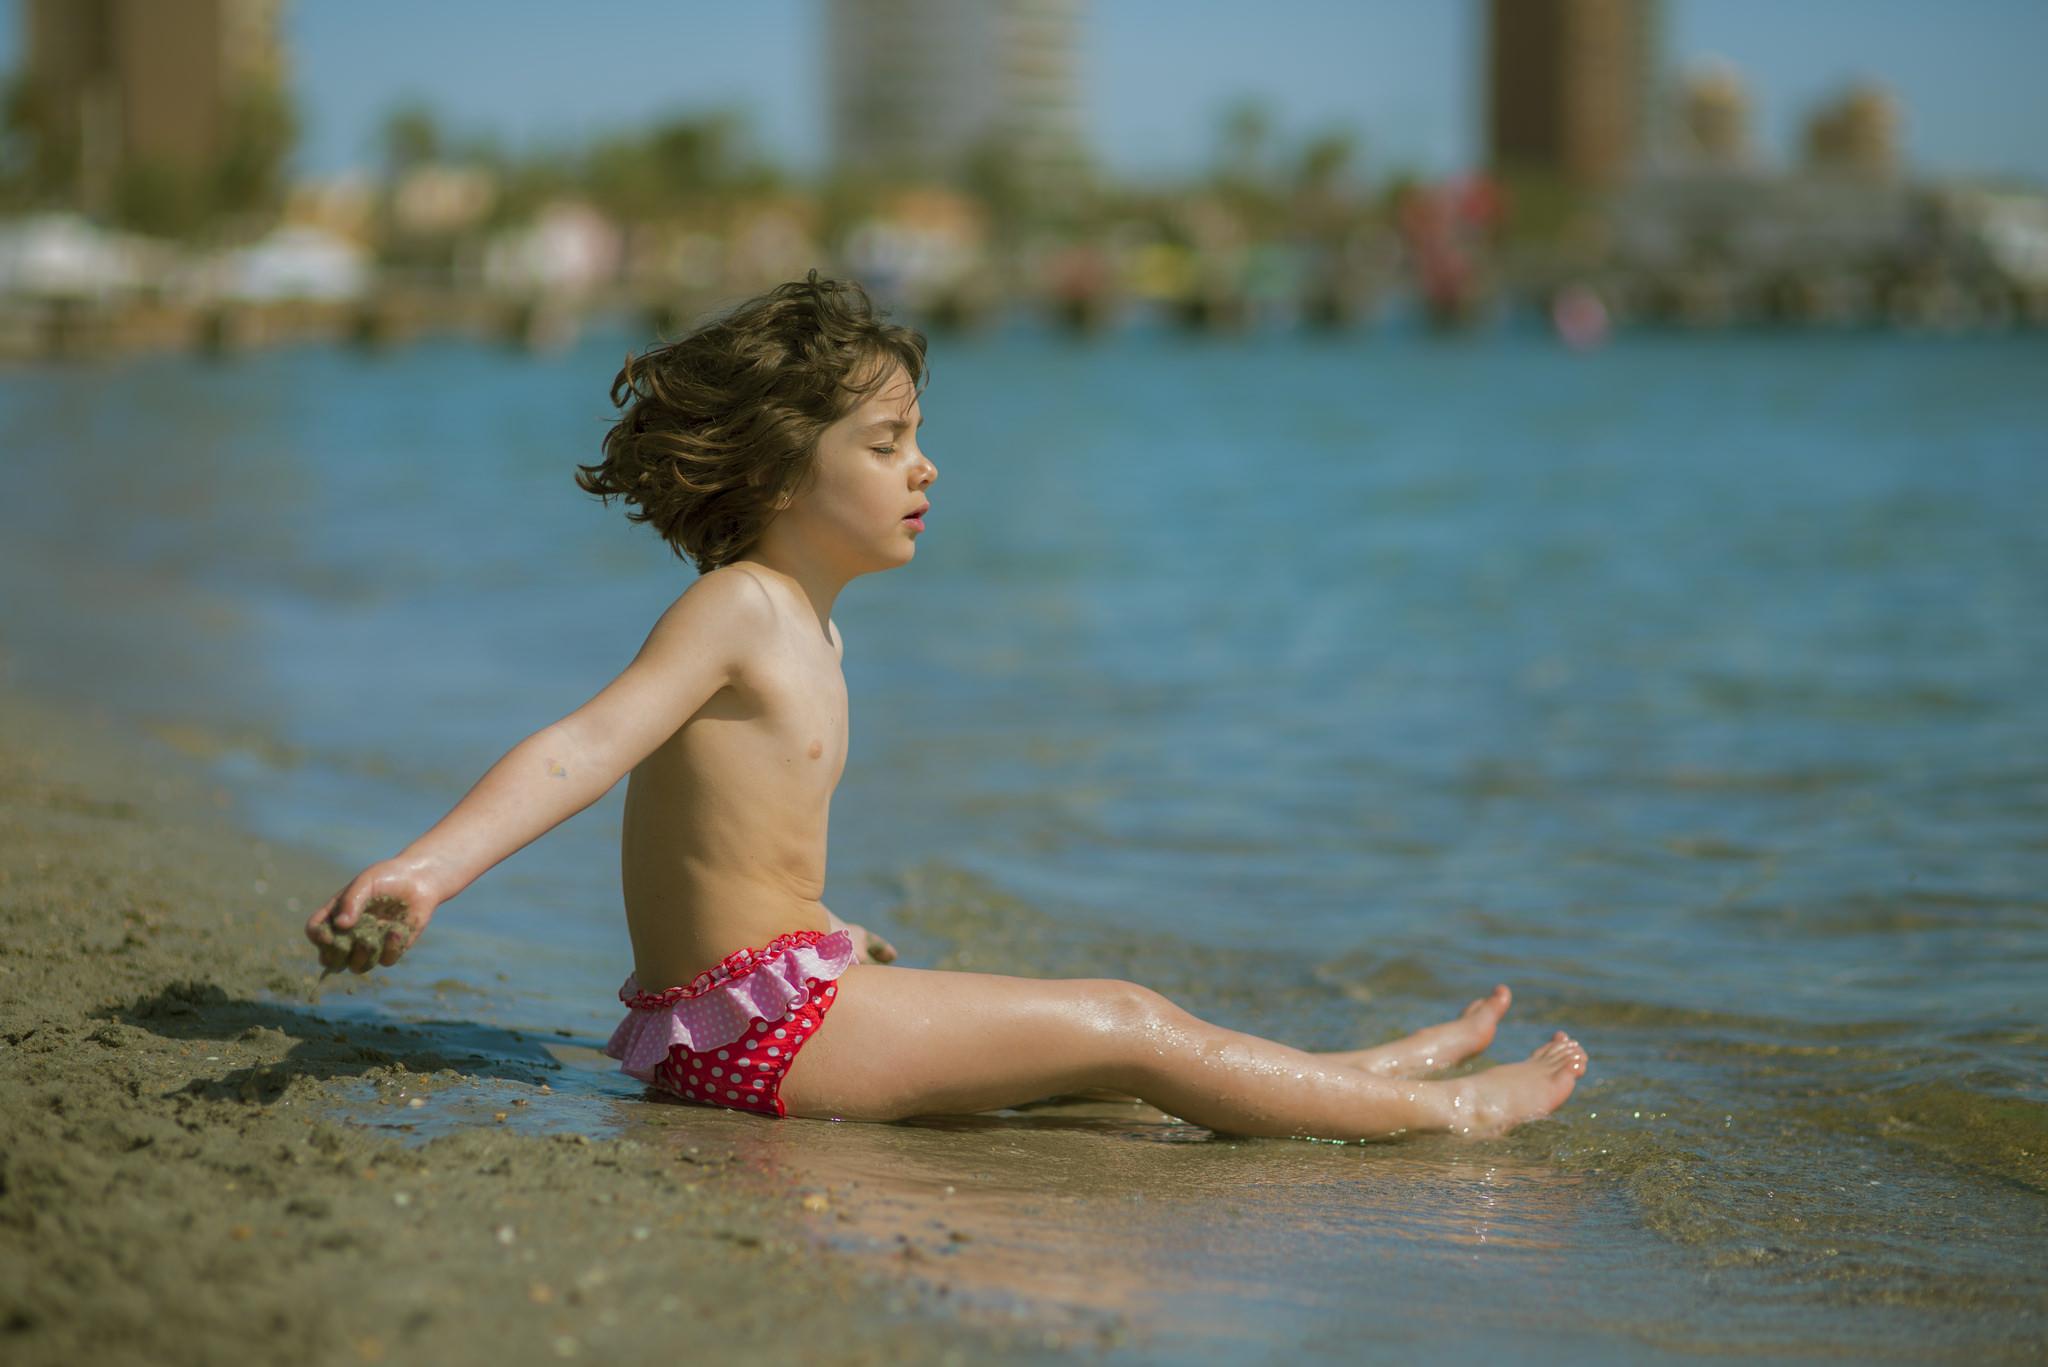 Фото Детей Нудистов Скачать Бесплатно